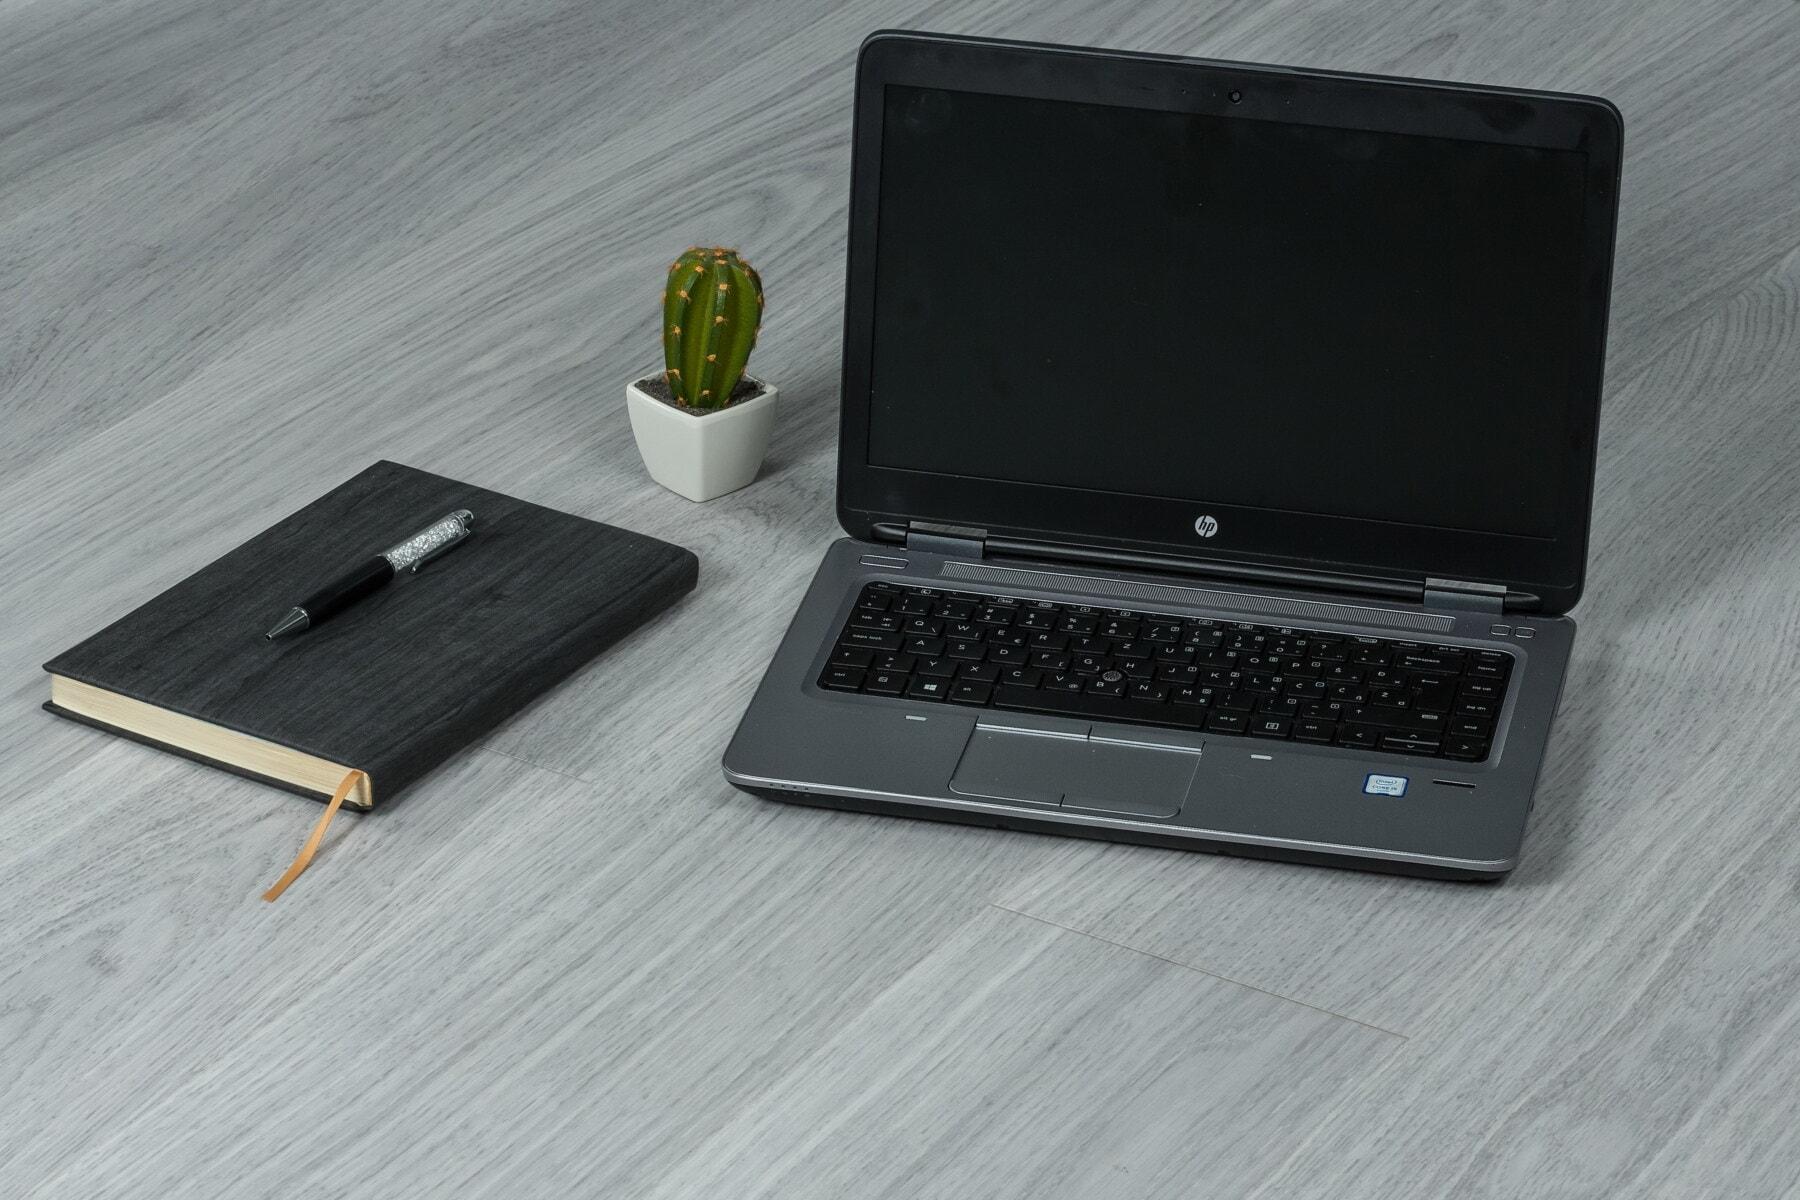 디자인, 미니, 노트북 컴퓨터, 사무실, 화분, 연필, 노트북, 선인장, 컴퓨터, 노트북